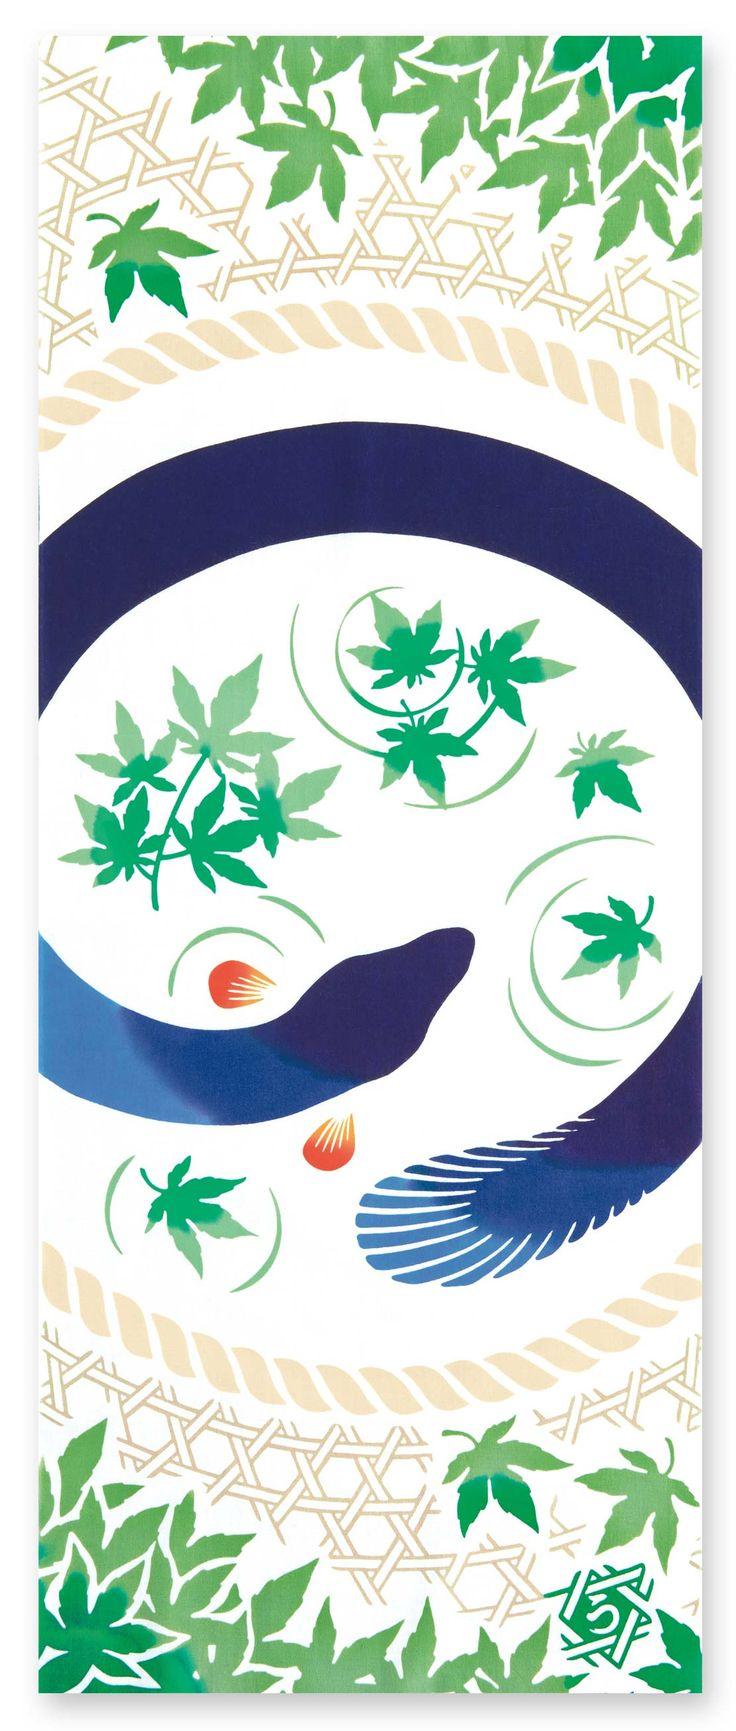 [材 質] 綿100% 〔特岡〕[サイズ] 約 36×90 cm 竹かごにいるのは青く美しい天然青うなぎ。 泳ぐ姿は優雅で涼しげ。